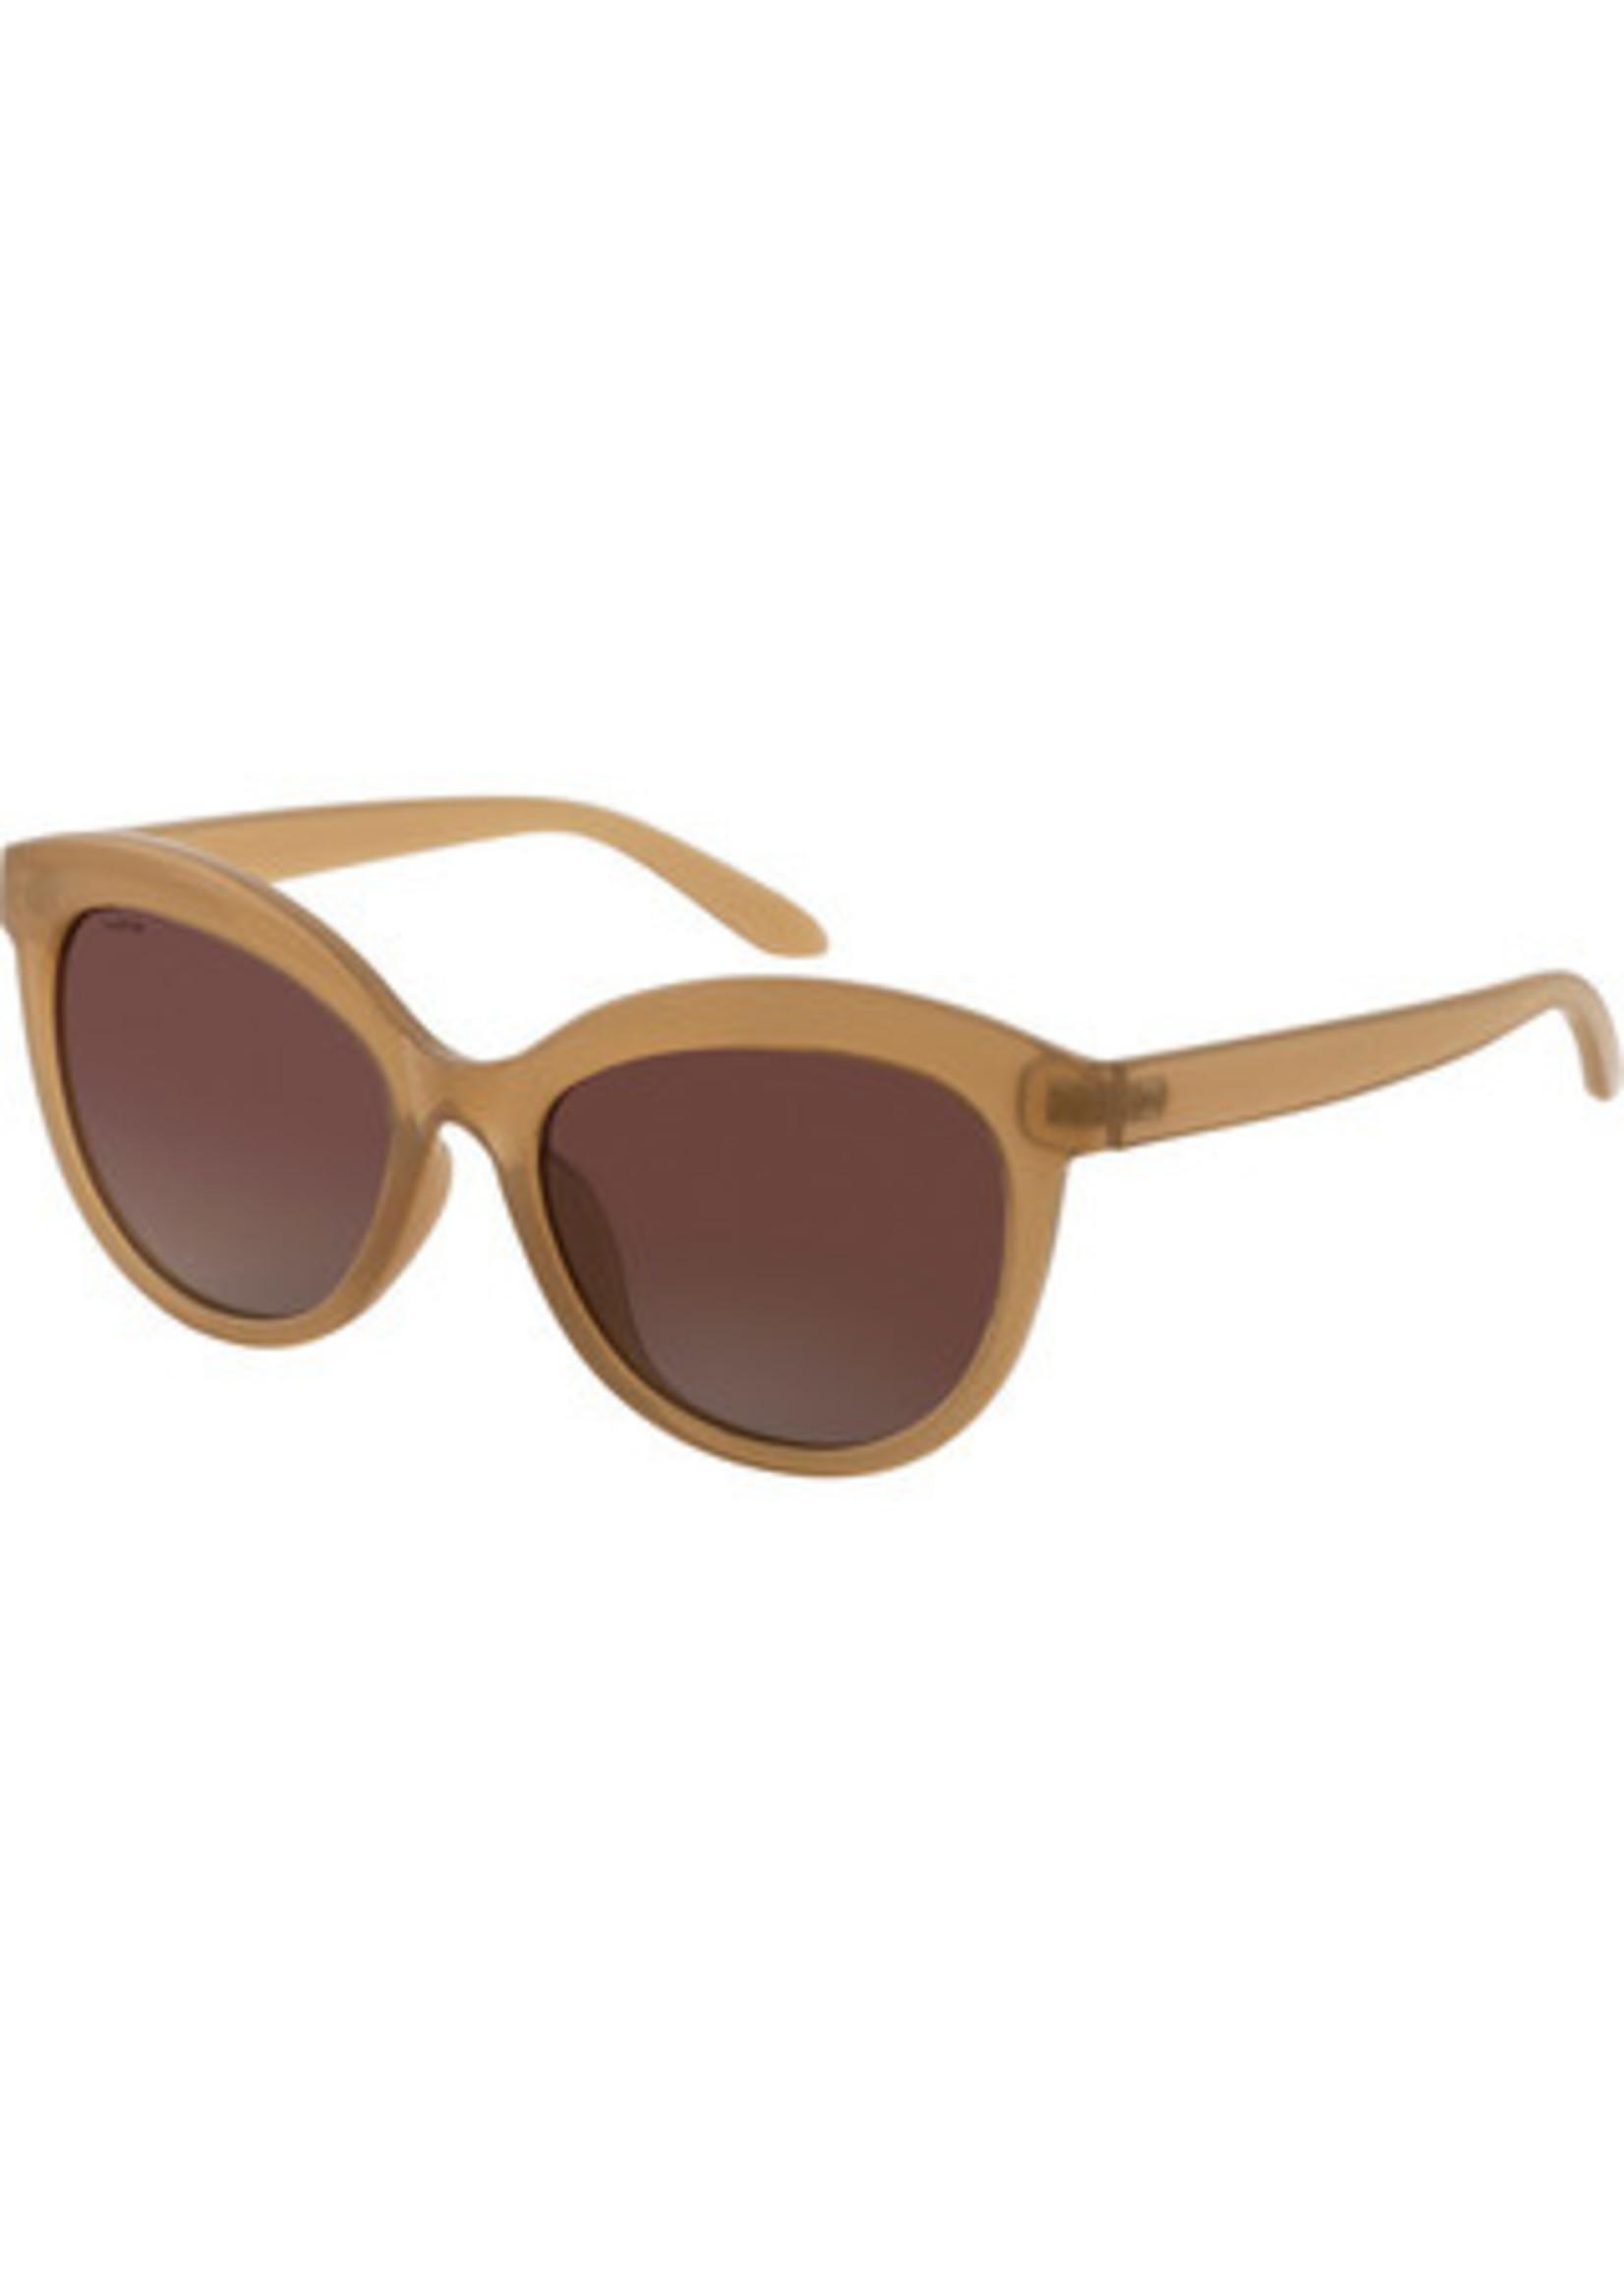 Pilgrim Tulia Sunglasses - Nude